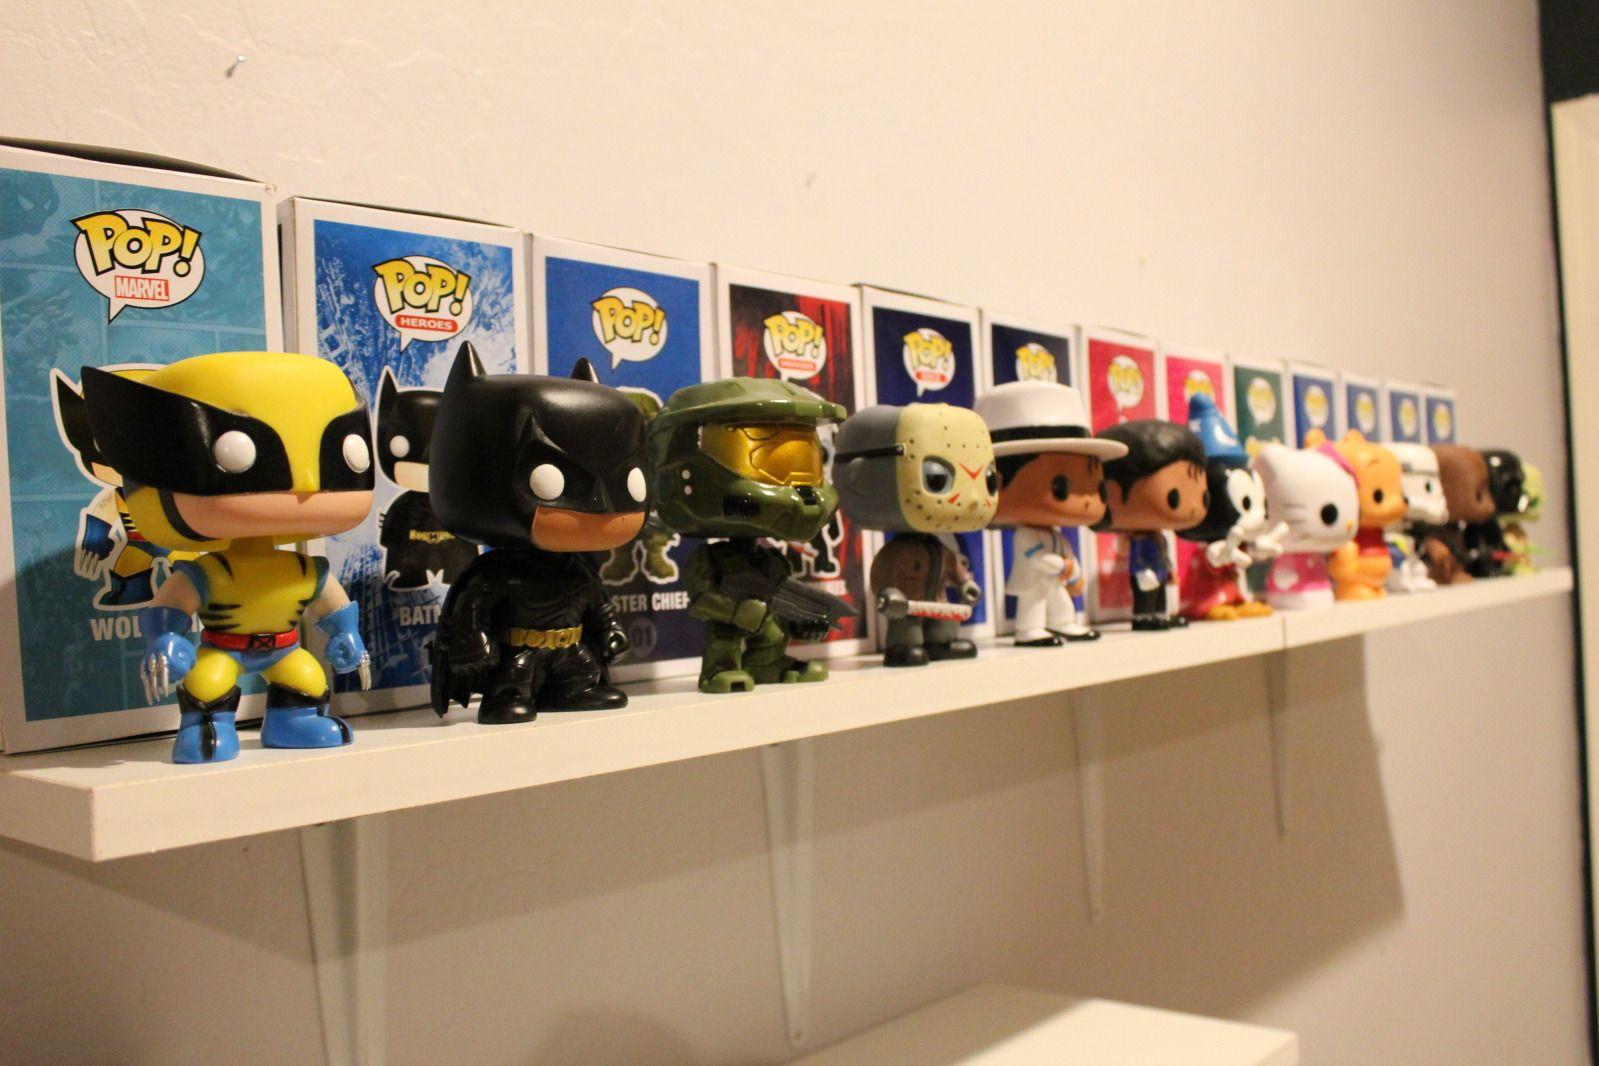 80 Toy Action Figure Shelves - ce74a5e9e0d9a0c9f365e406523bc6e3_Must see 80 Toy Action Figure Shelves - ce74a5e9e0d9a0c9f365e406523bc6e3  Pictures_974446.jpg